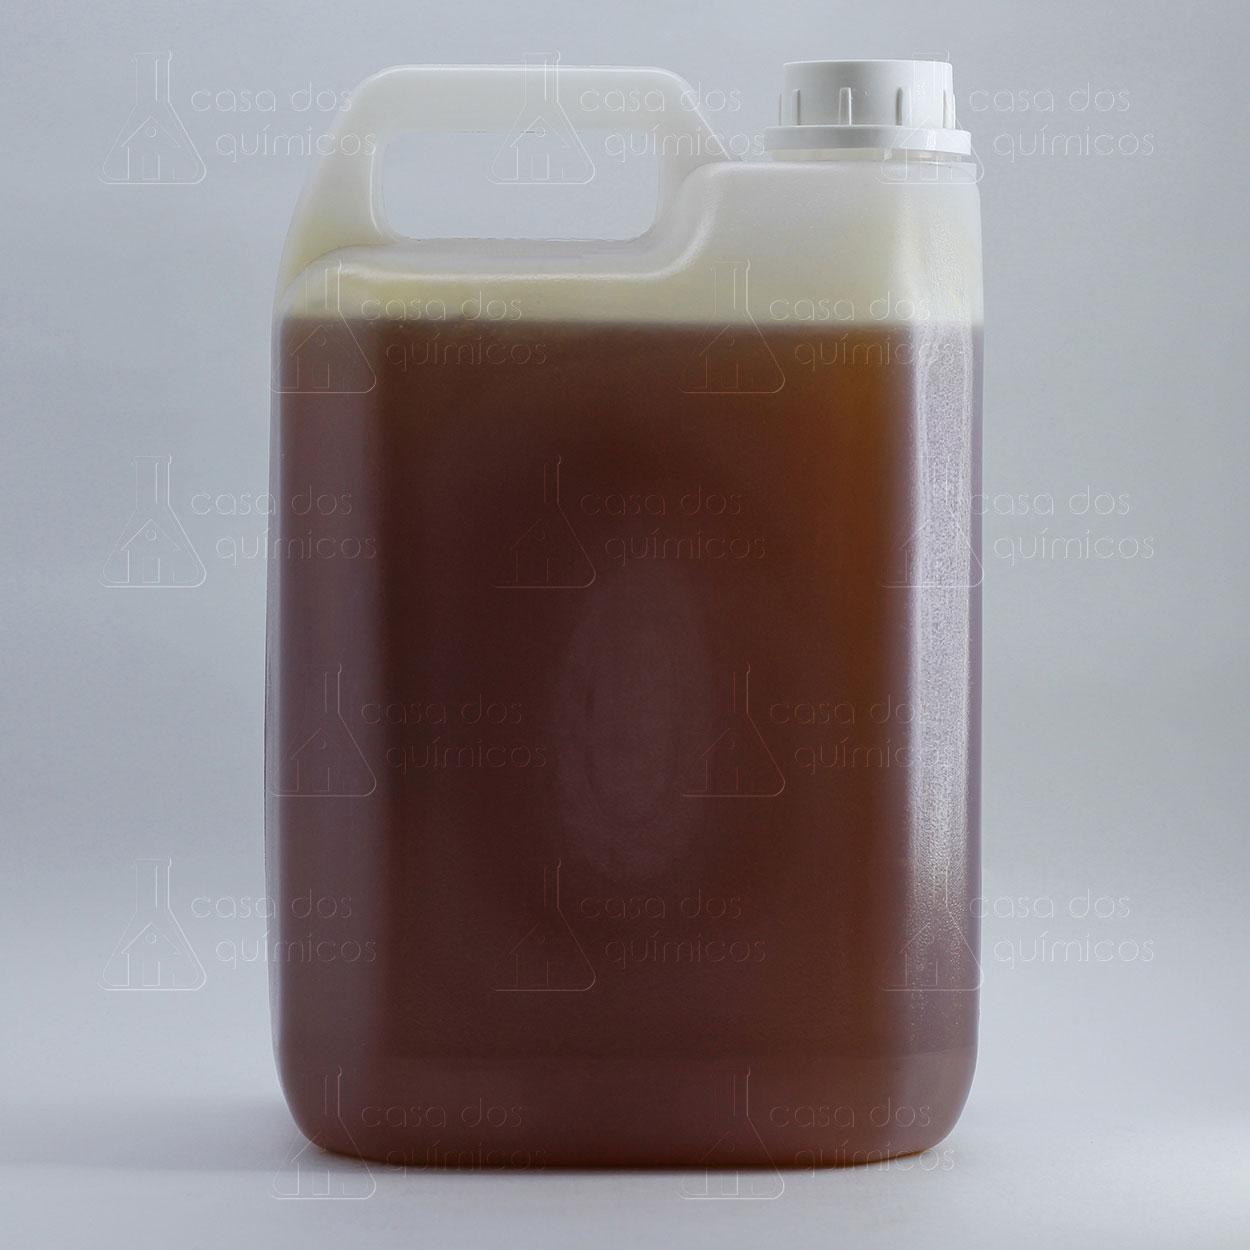 Terebentina 5000 ml  - Casa dos Químicos